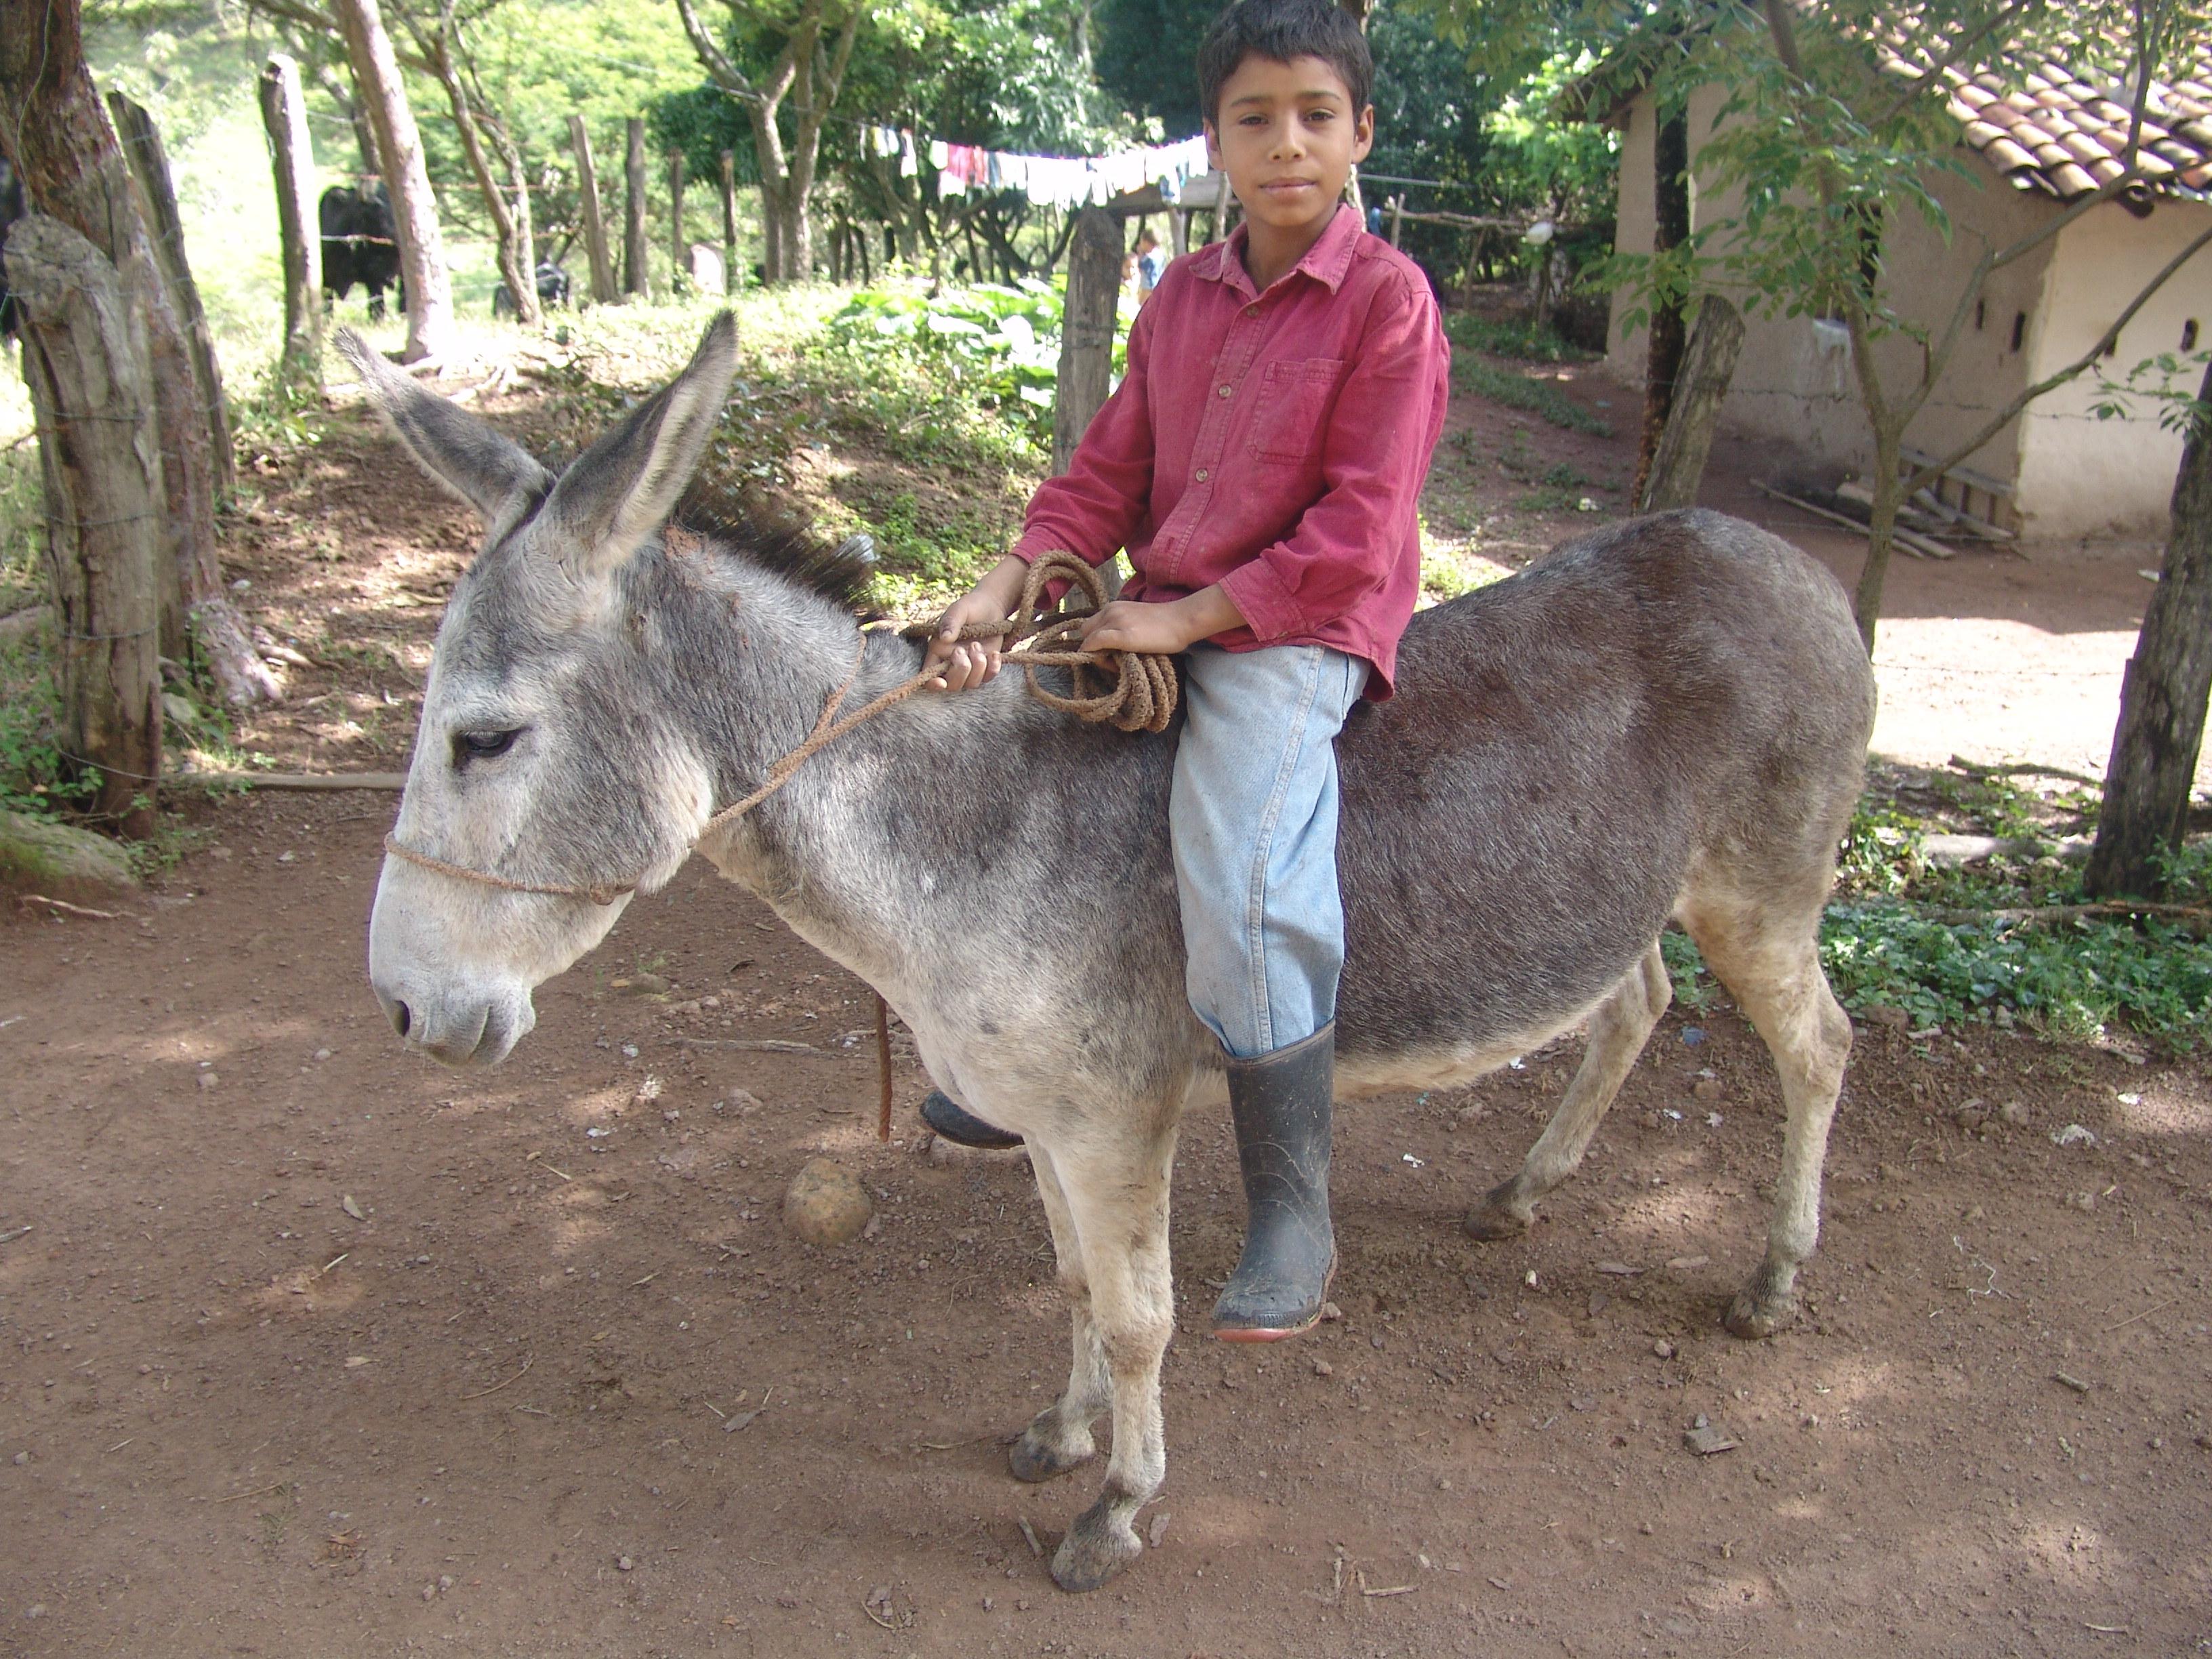 pet donkey